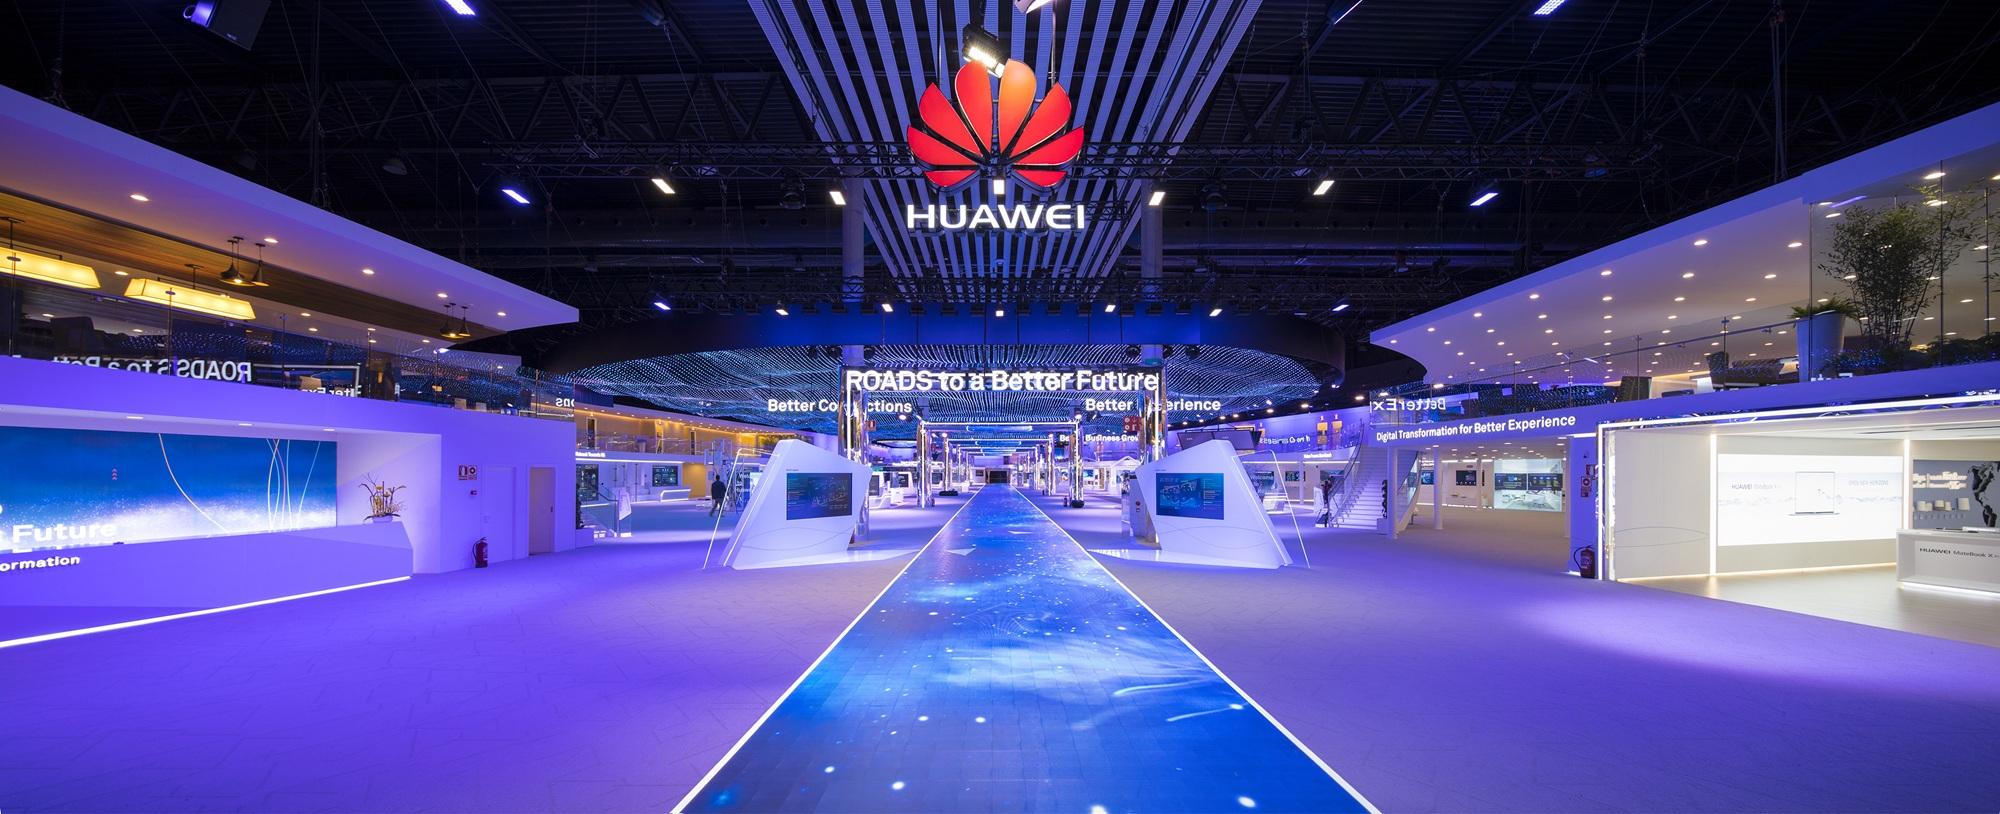 5G : comme la France et le Royaume-Uni, l'Allemagne n'entend pas bannir Huawei